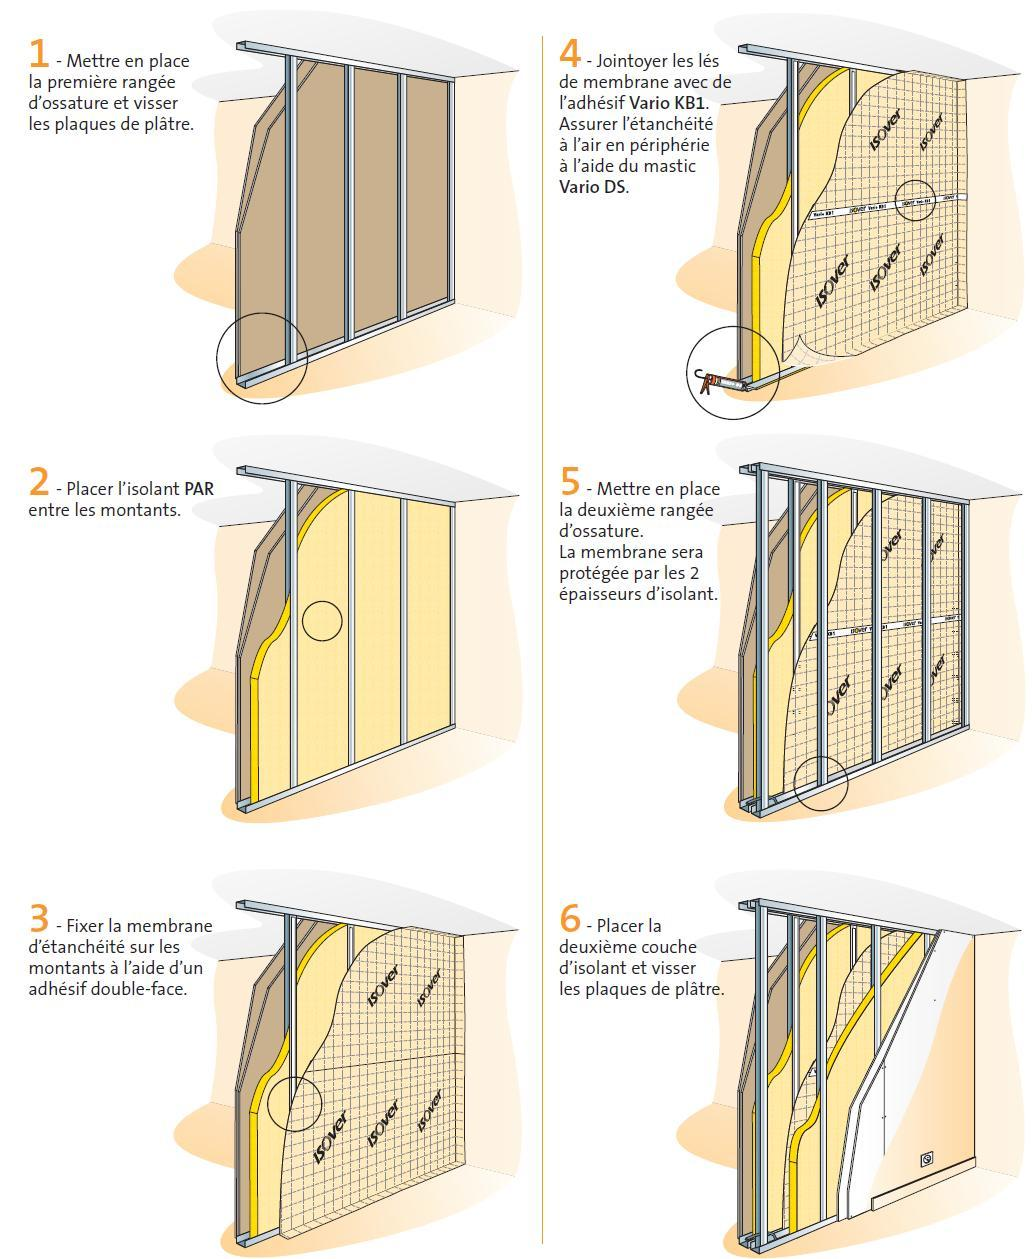 isolation phonique mur separatif - isolation idées - Isolation Phonique Entre Deux Appartements